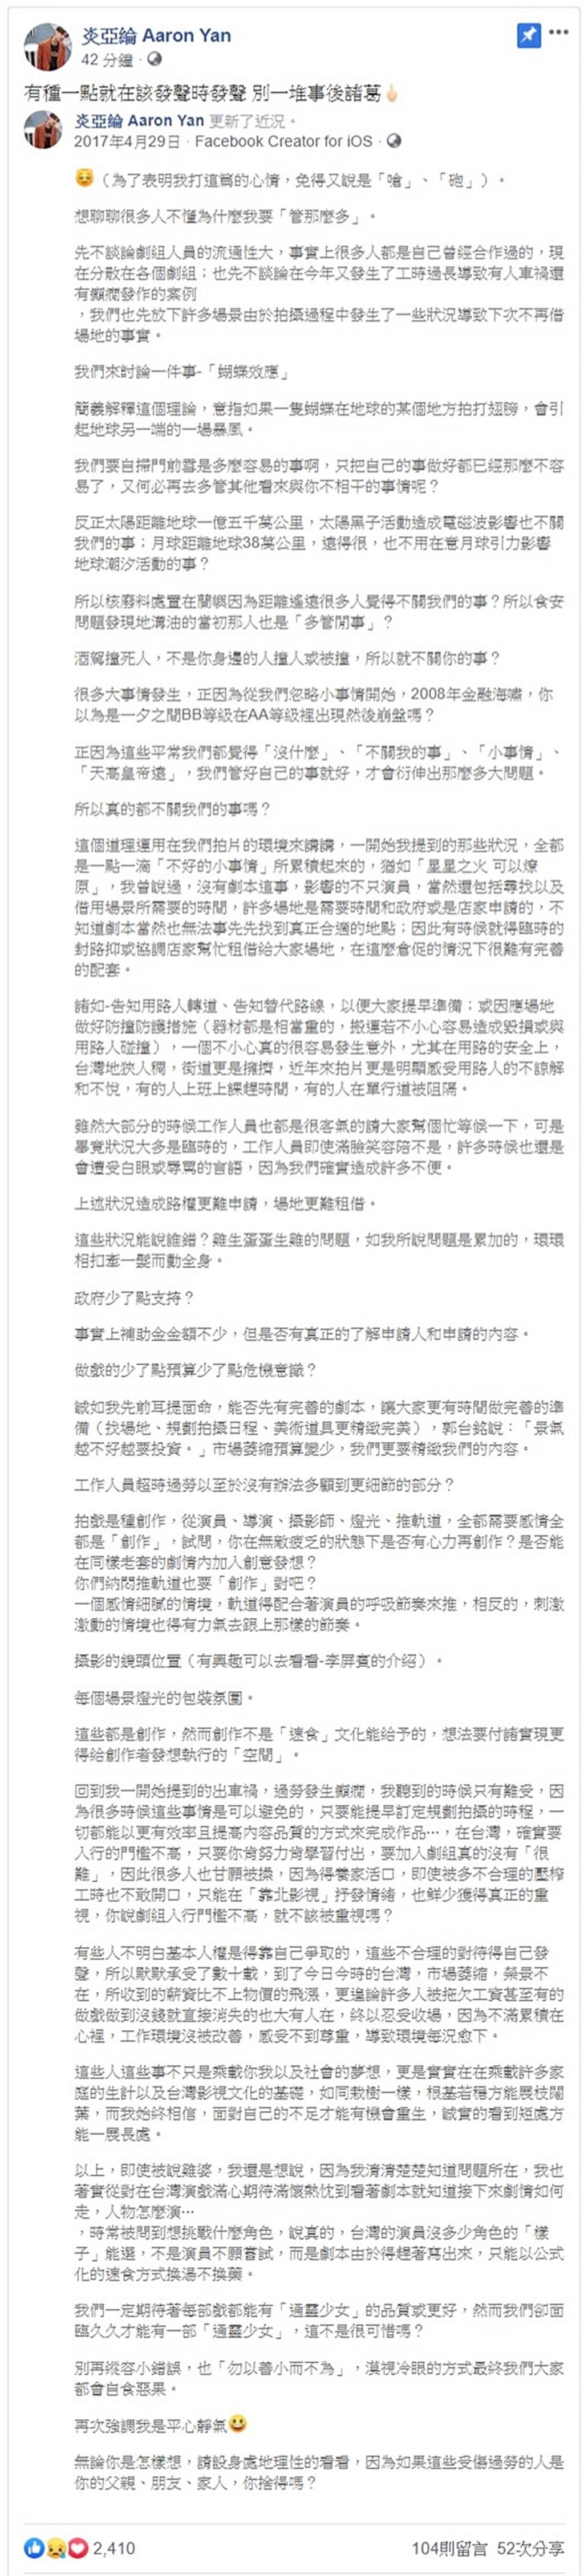 炎亞綸過去發長文批評過勞演藝生態。(圖/翻攝自炎亞綸Aaron Yan臉書)